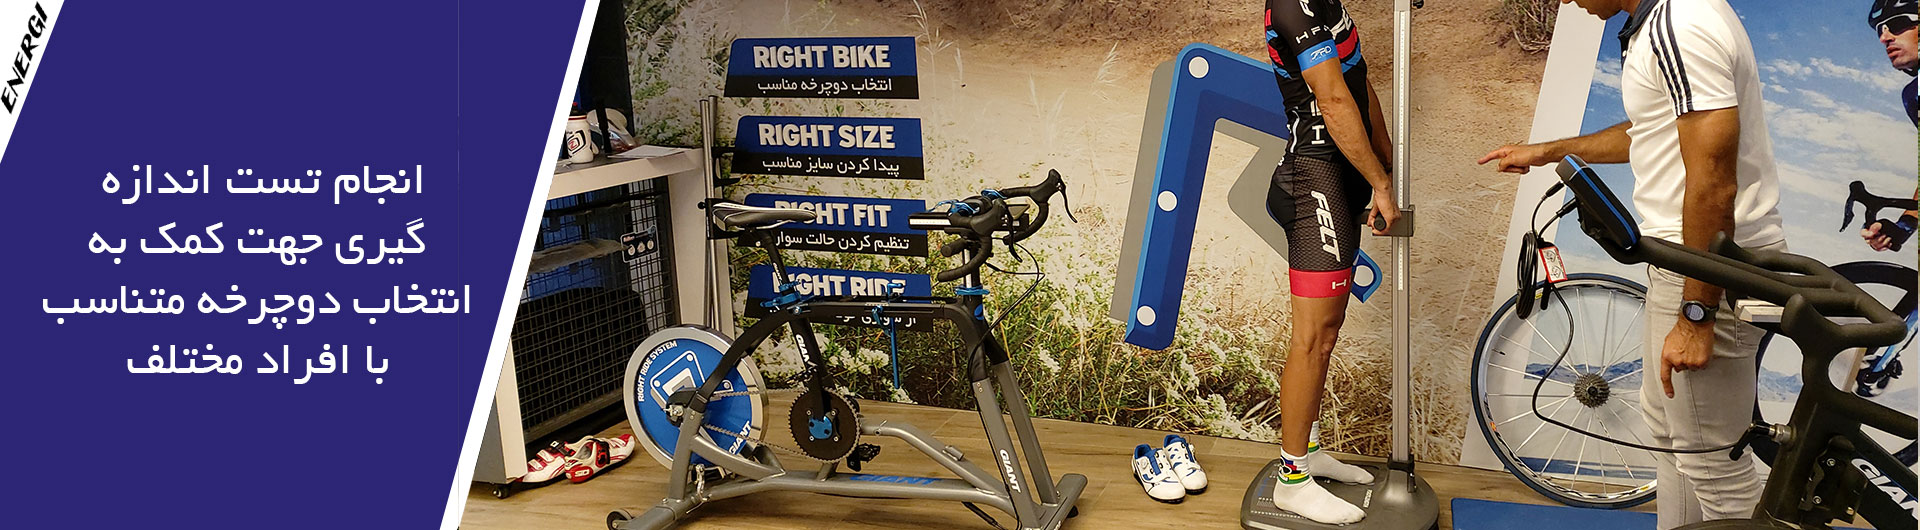 تست-اندازه-گیری-دوچرخه